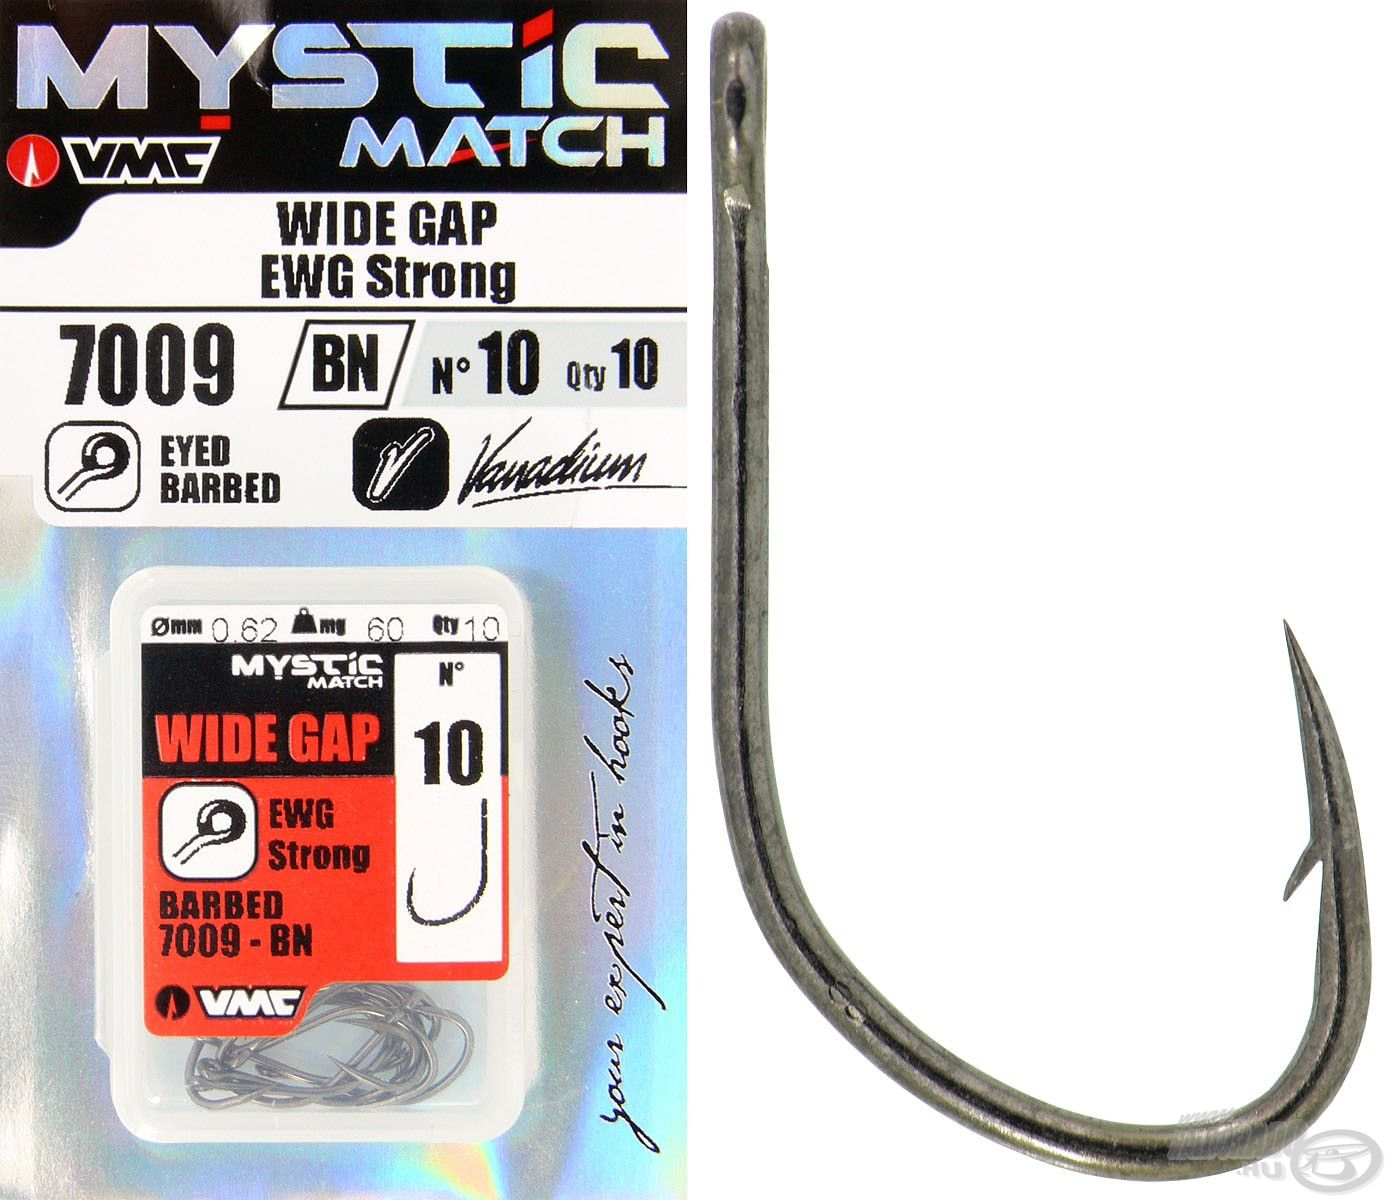 A Mystic Match EWG Strong egy nagyon sokoldalú, közepesen erős modell, amit úgy tervezett a gyártó, hogy a feederbotos horgászok maximalizálhassák vele a megakasztott halak számát!